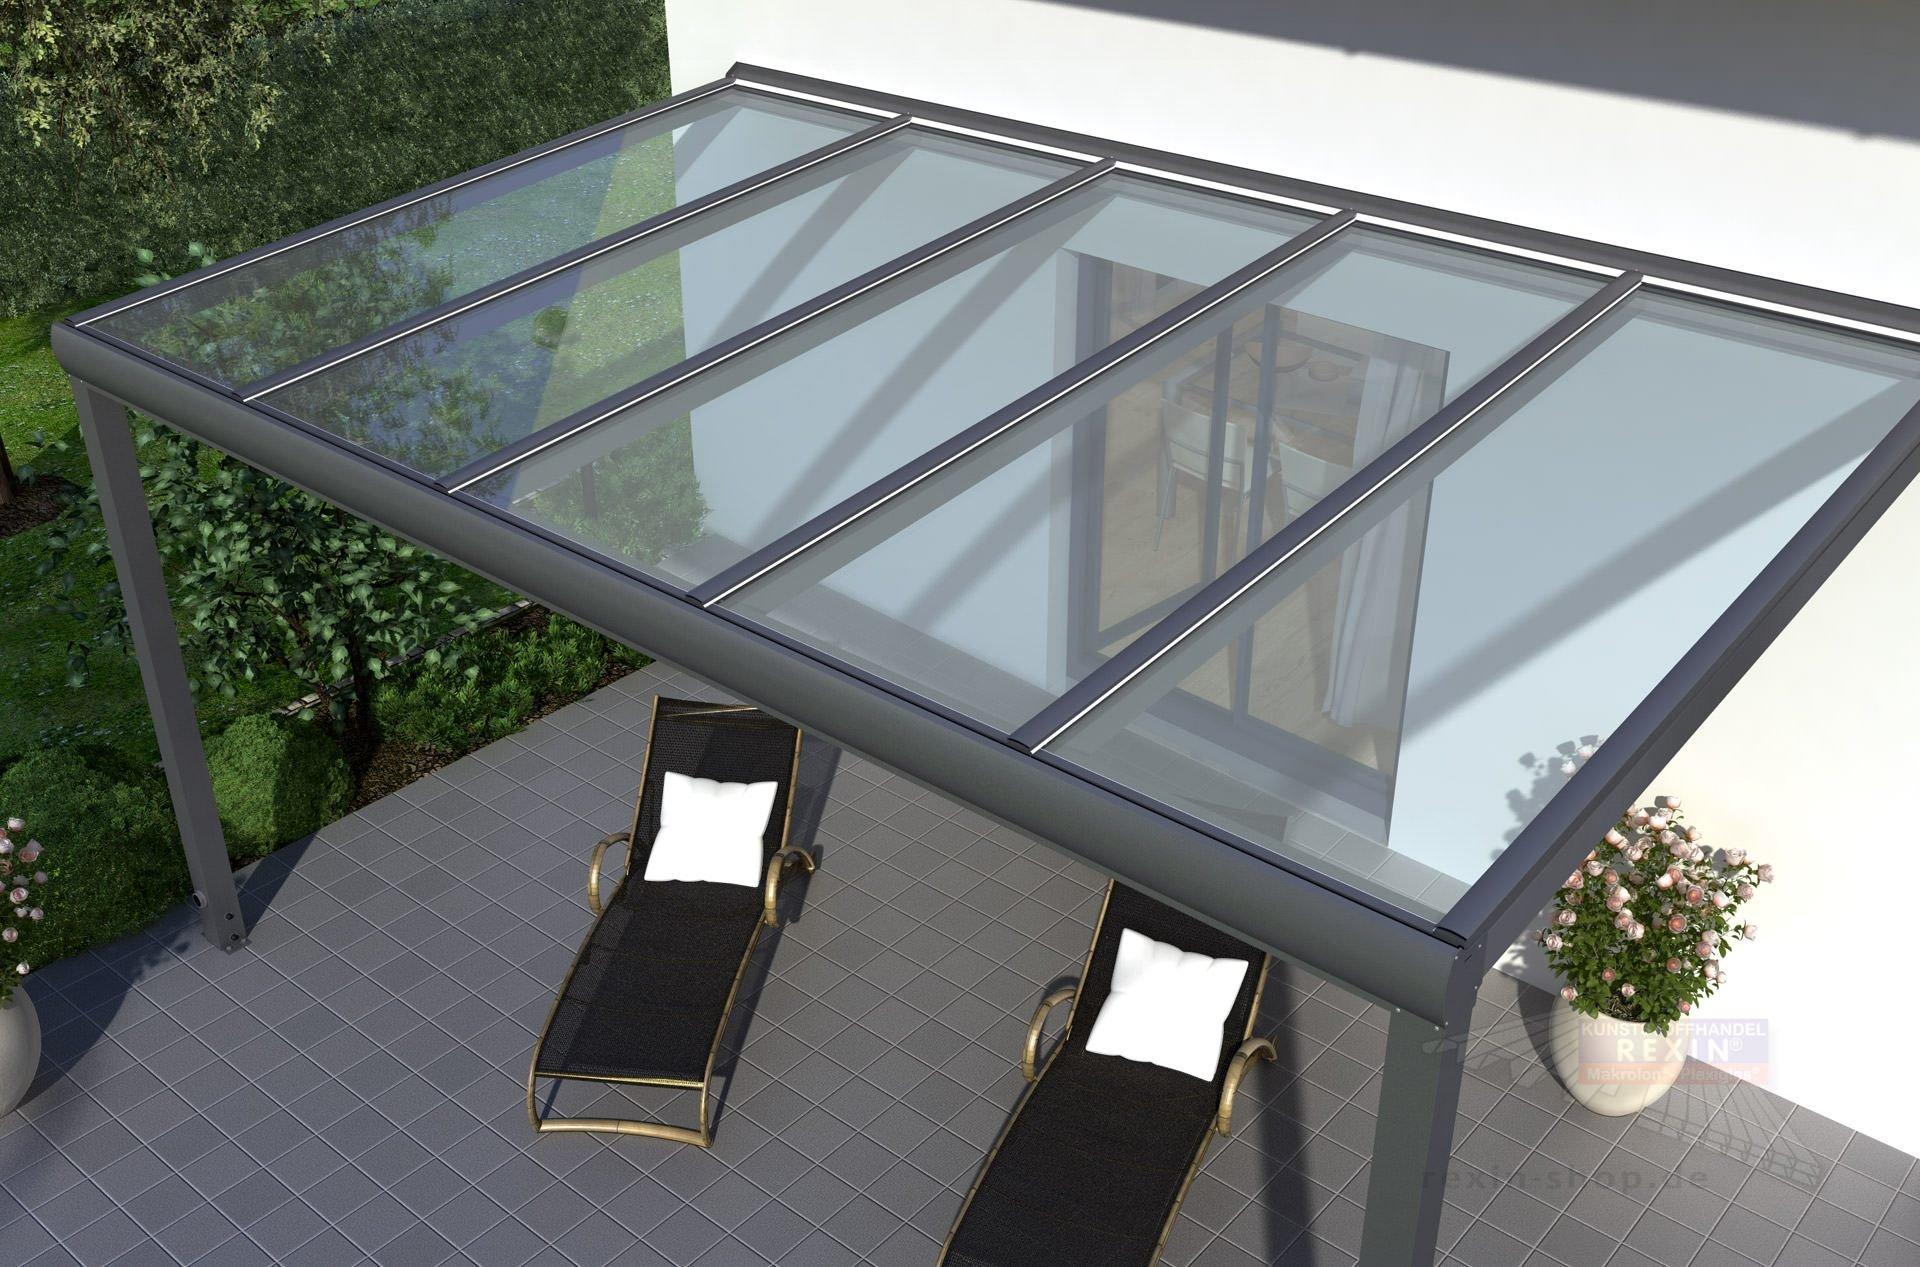 REXOpremium Alu Terrassendach 6m x 2m VSG Glas ▷ Rexin Shop